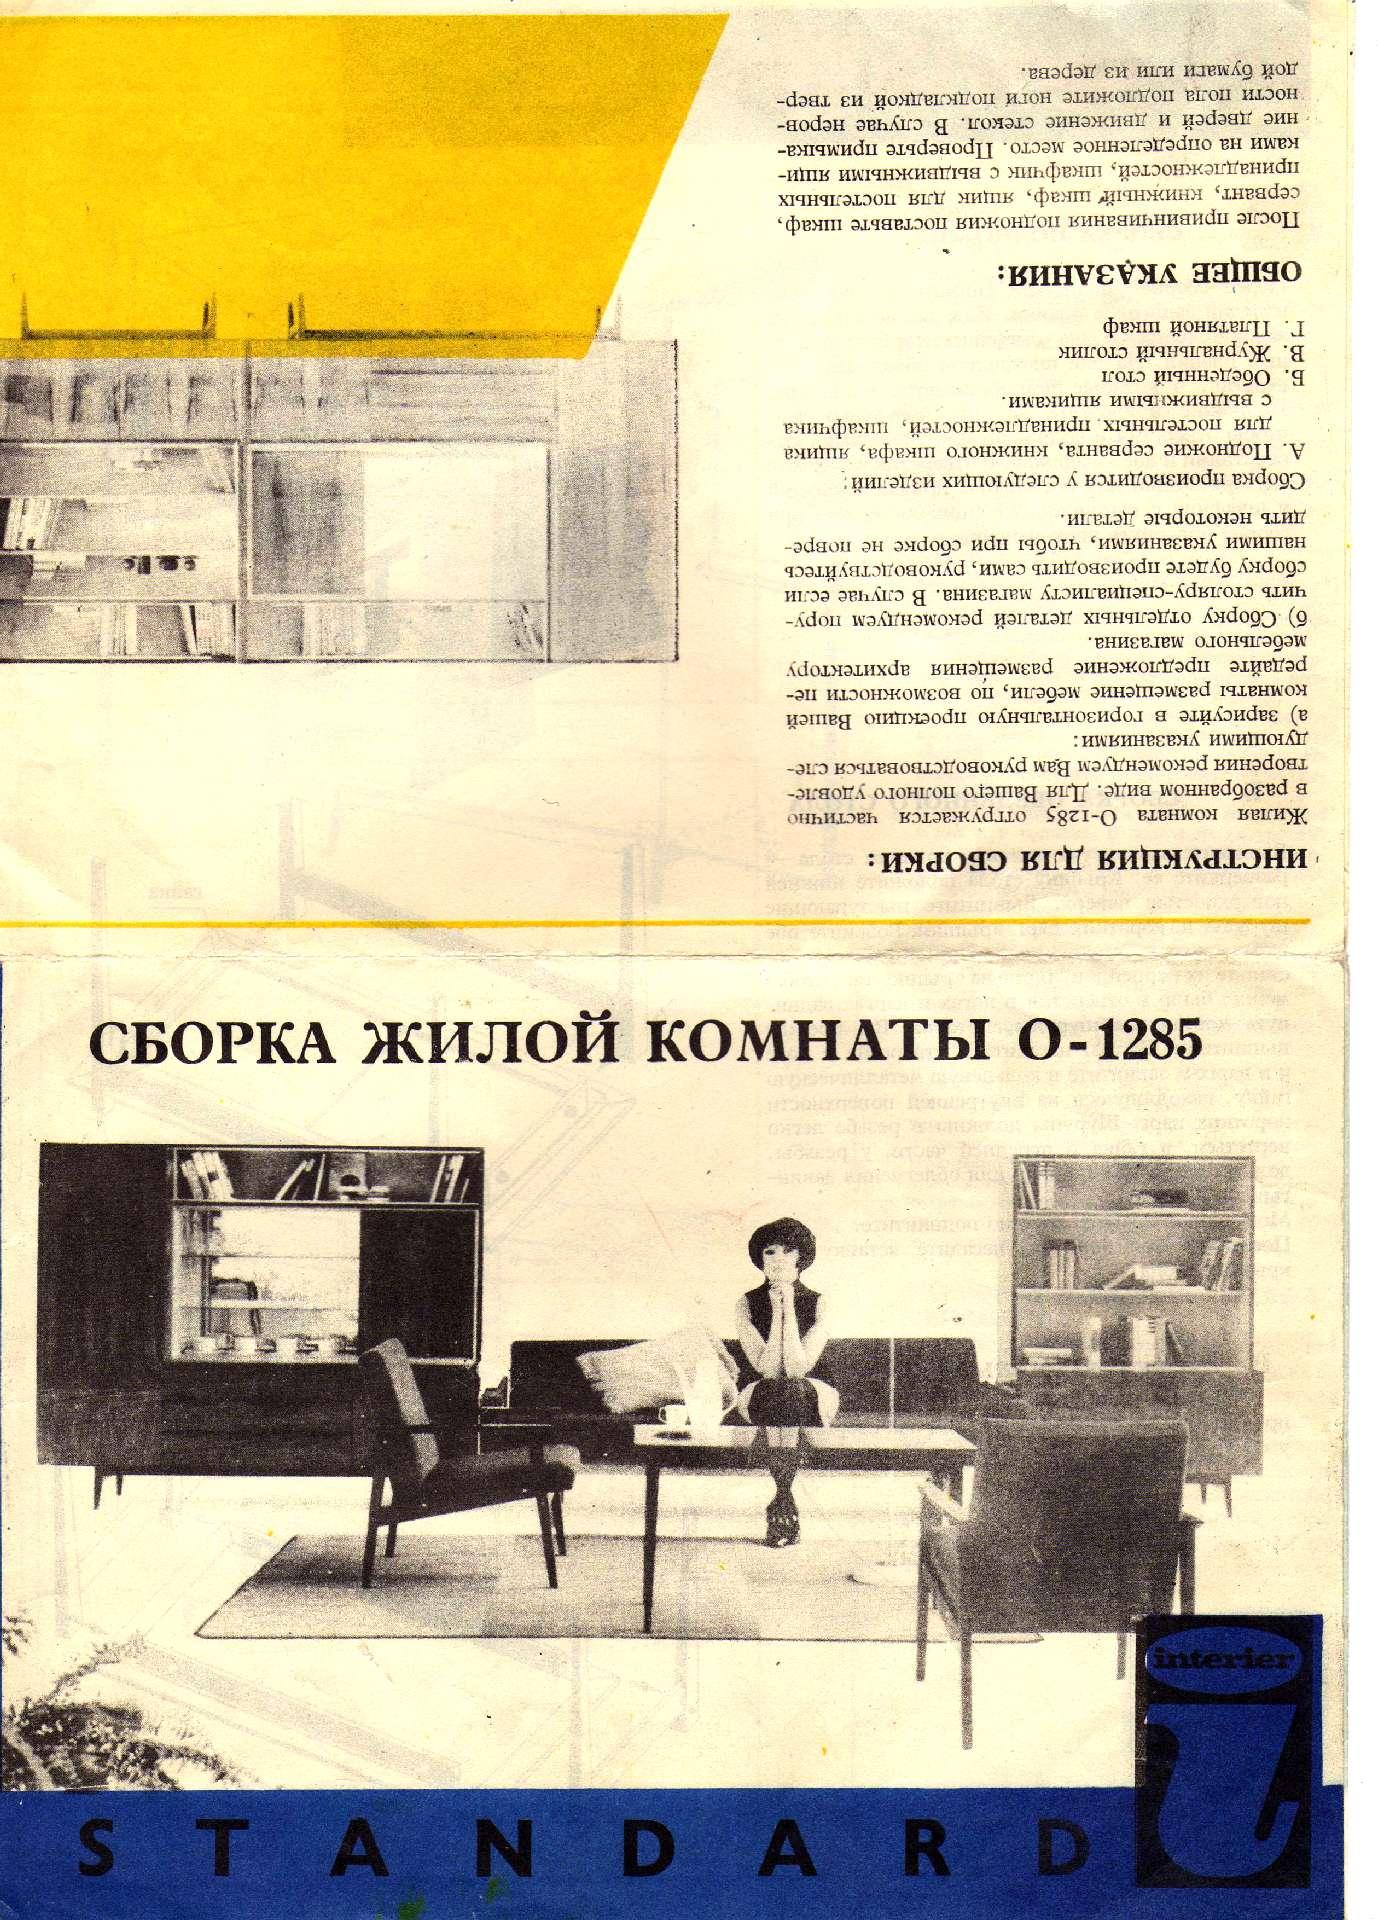 Инструкция по сборке жилой комнаты, 1968 год